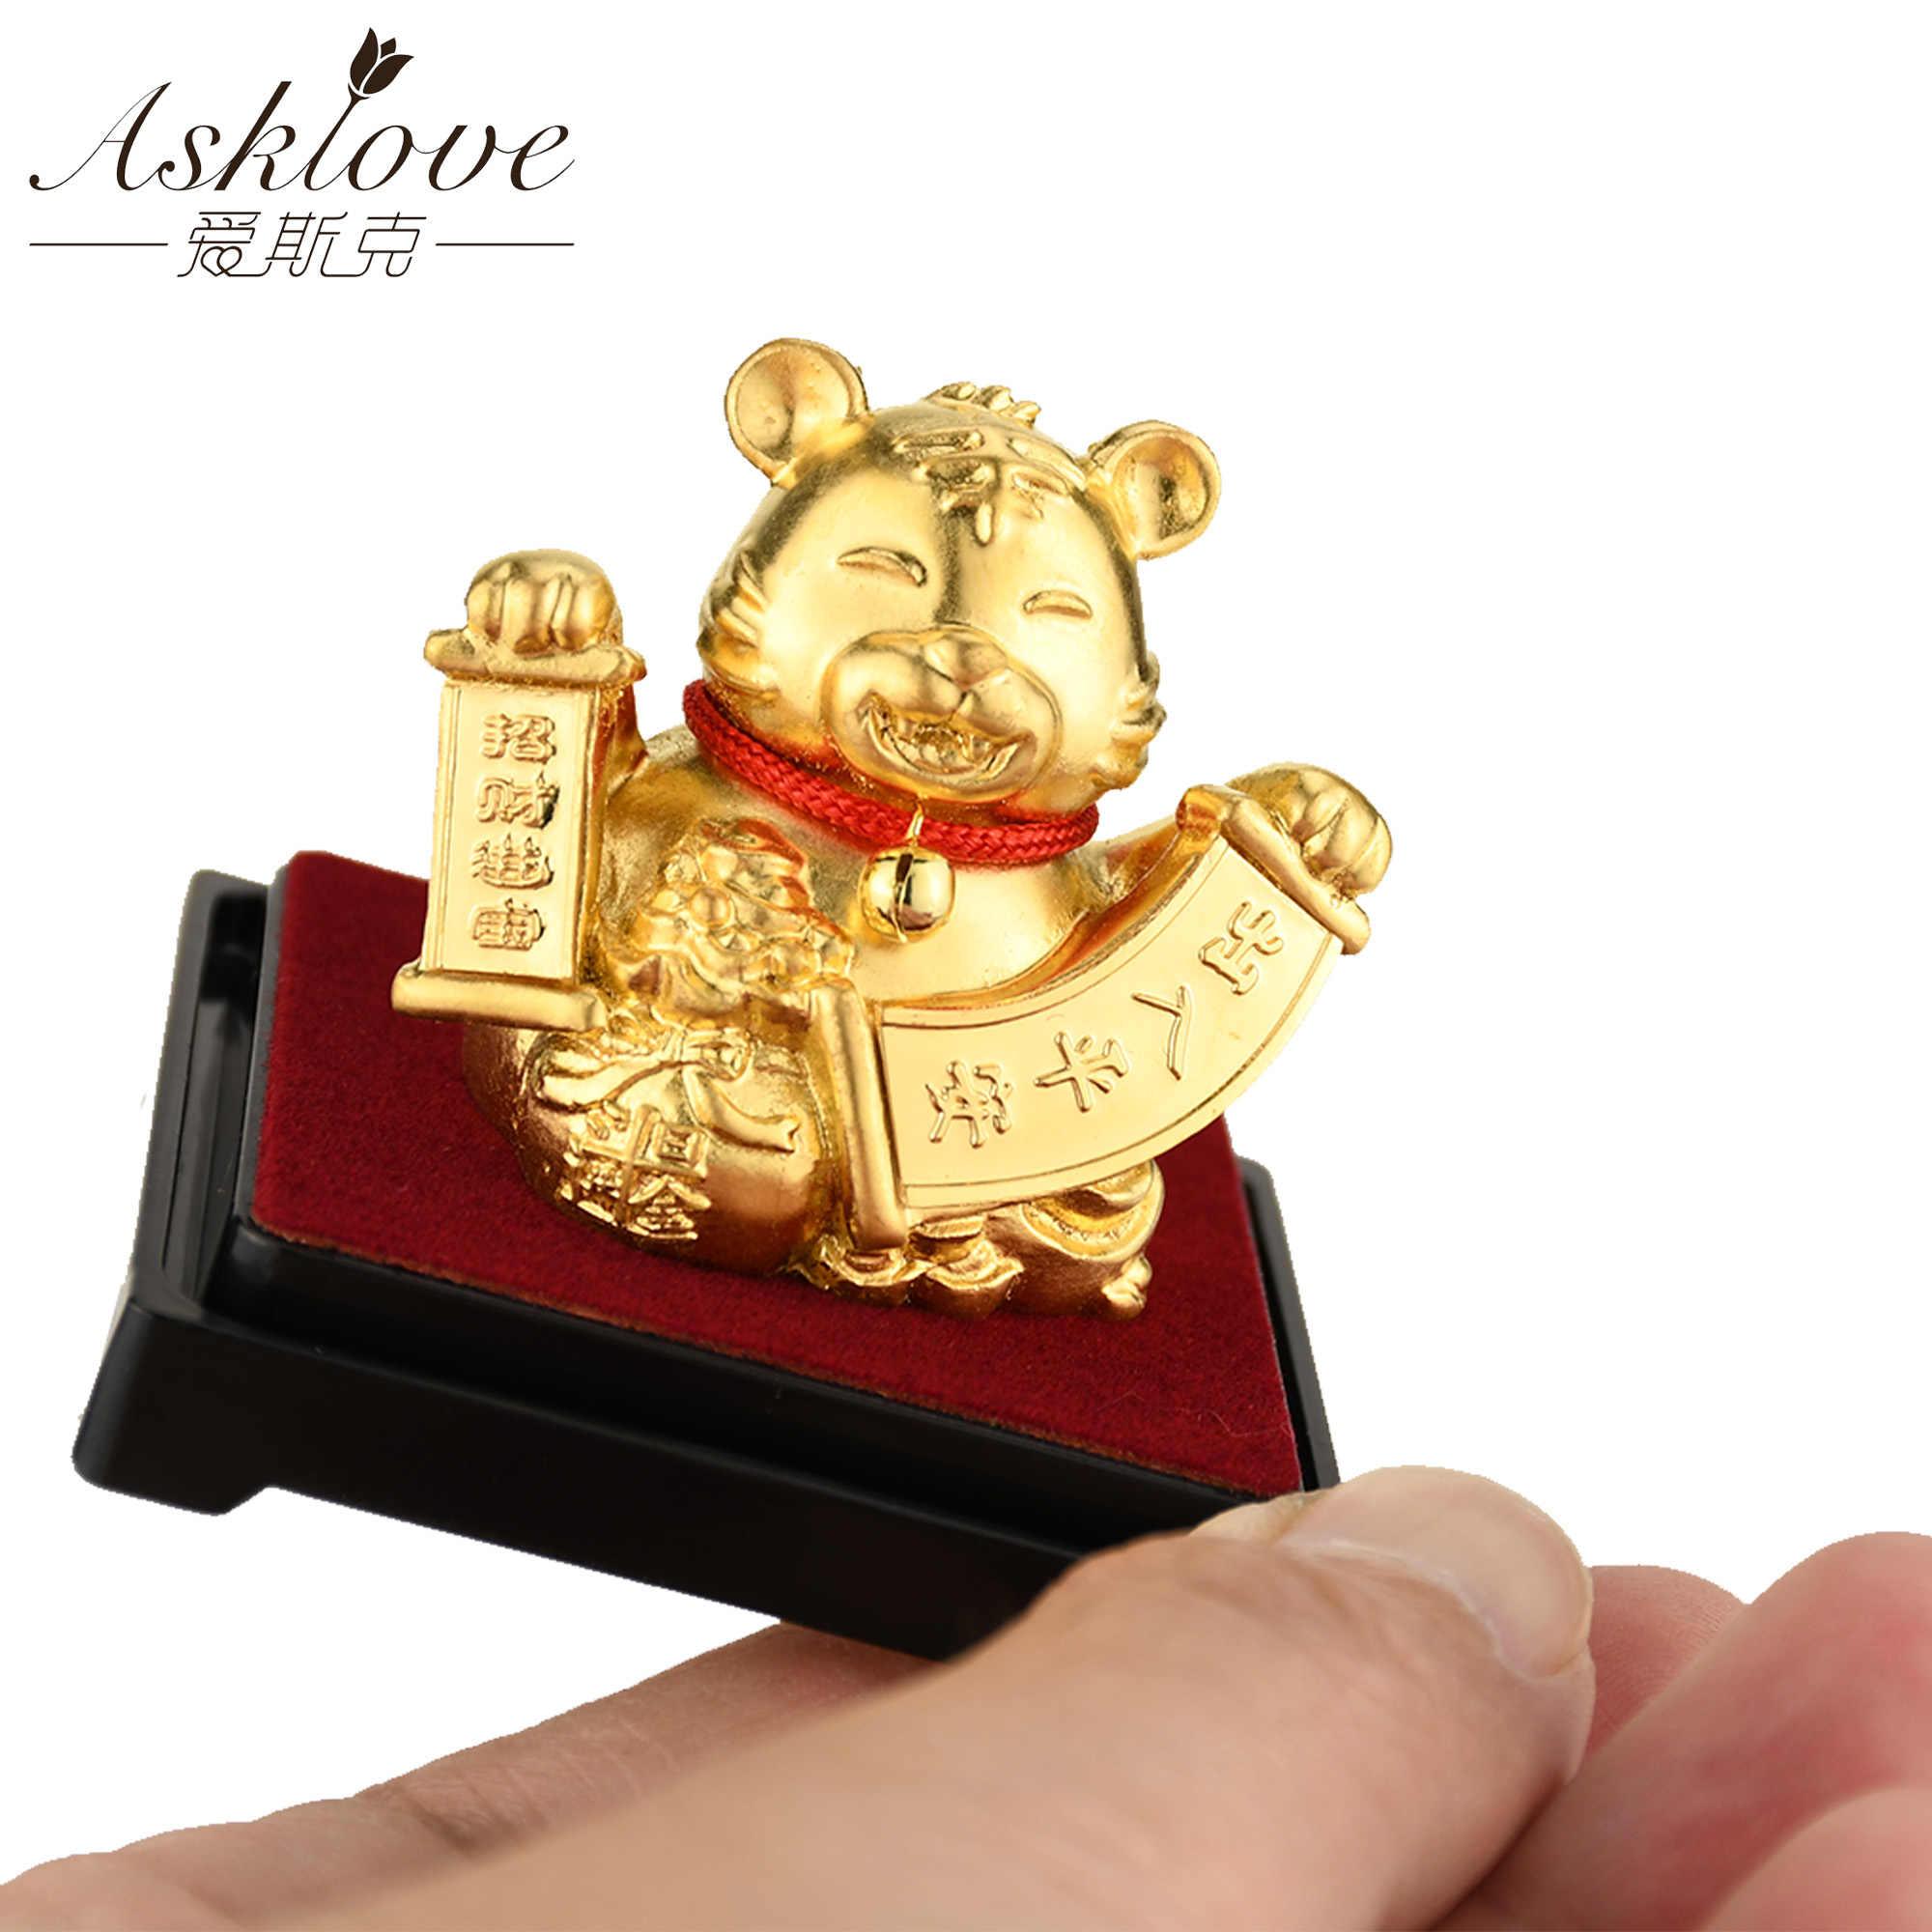 จีน Zodiac เก็บความมั่งคั่งเครื่องประดับ 24 K Gold Foil Fengshui Decor Dragon/หนู/หมู/ลิงรถ Lucky home Office Decor